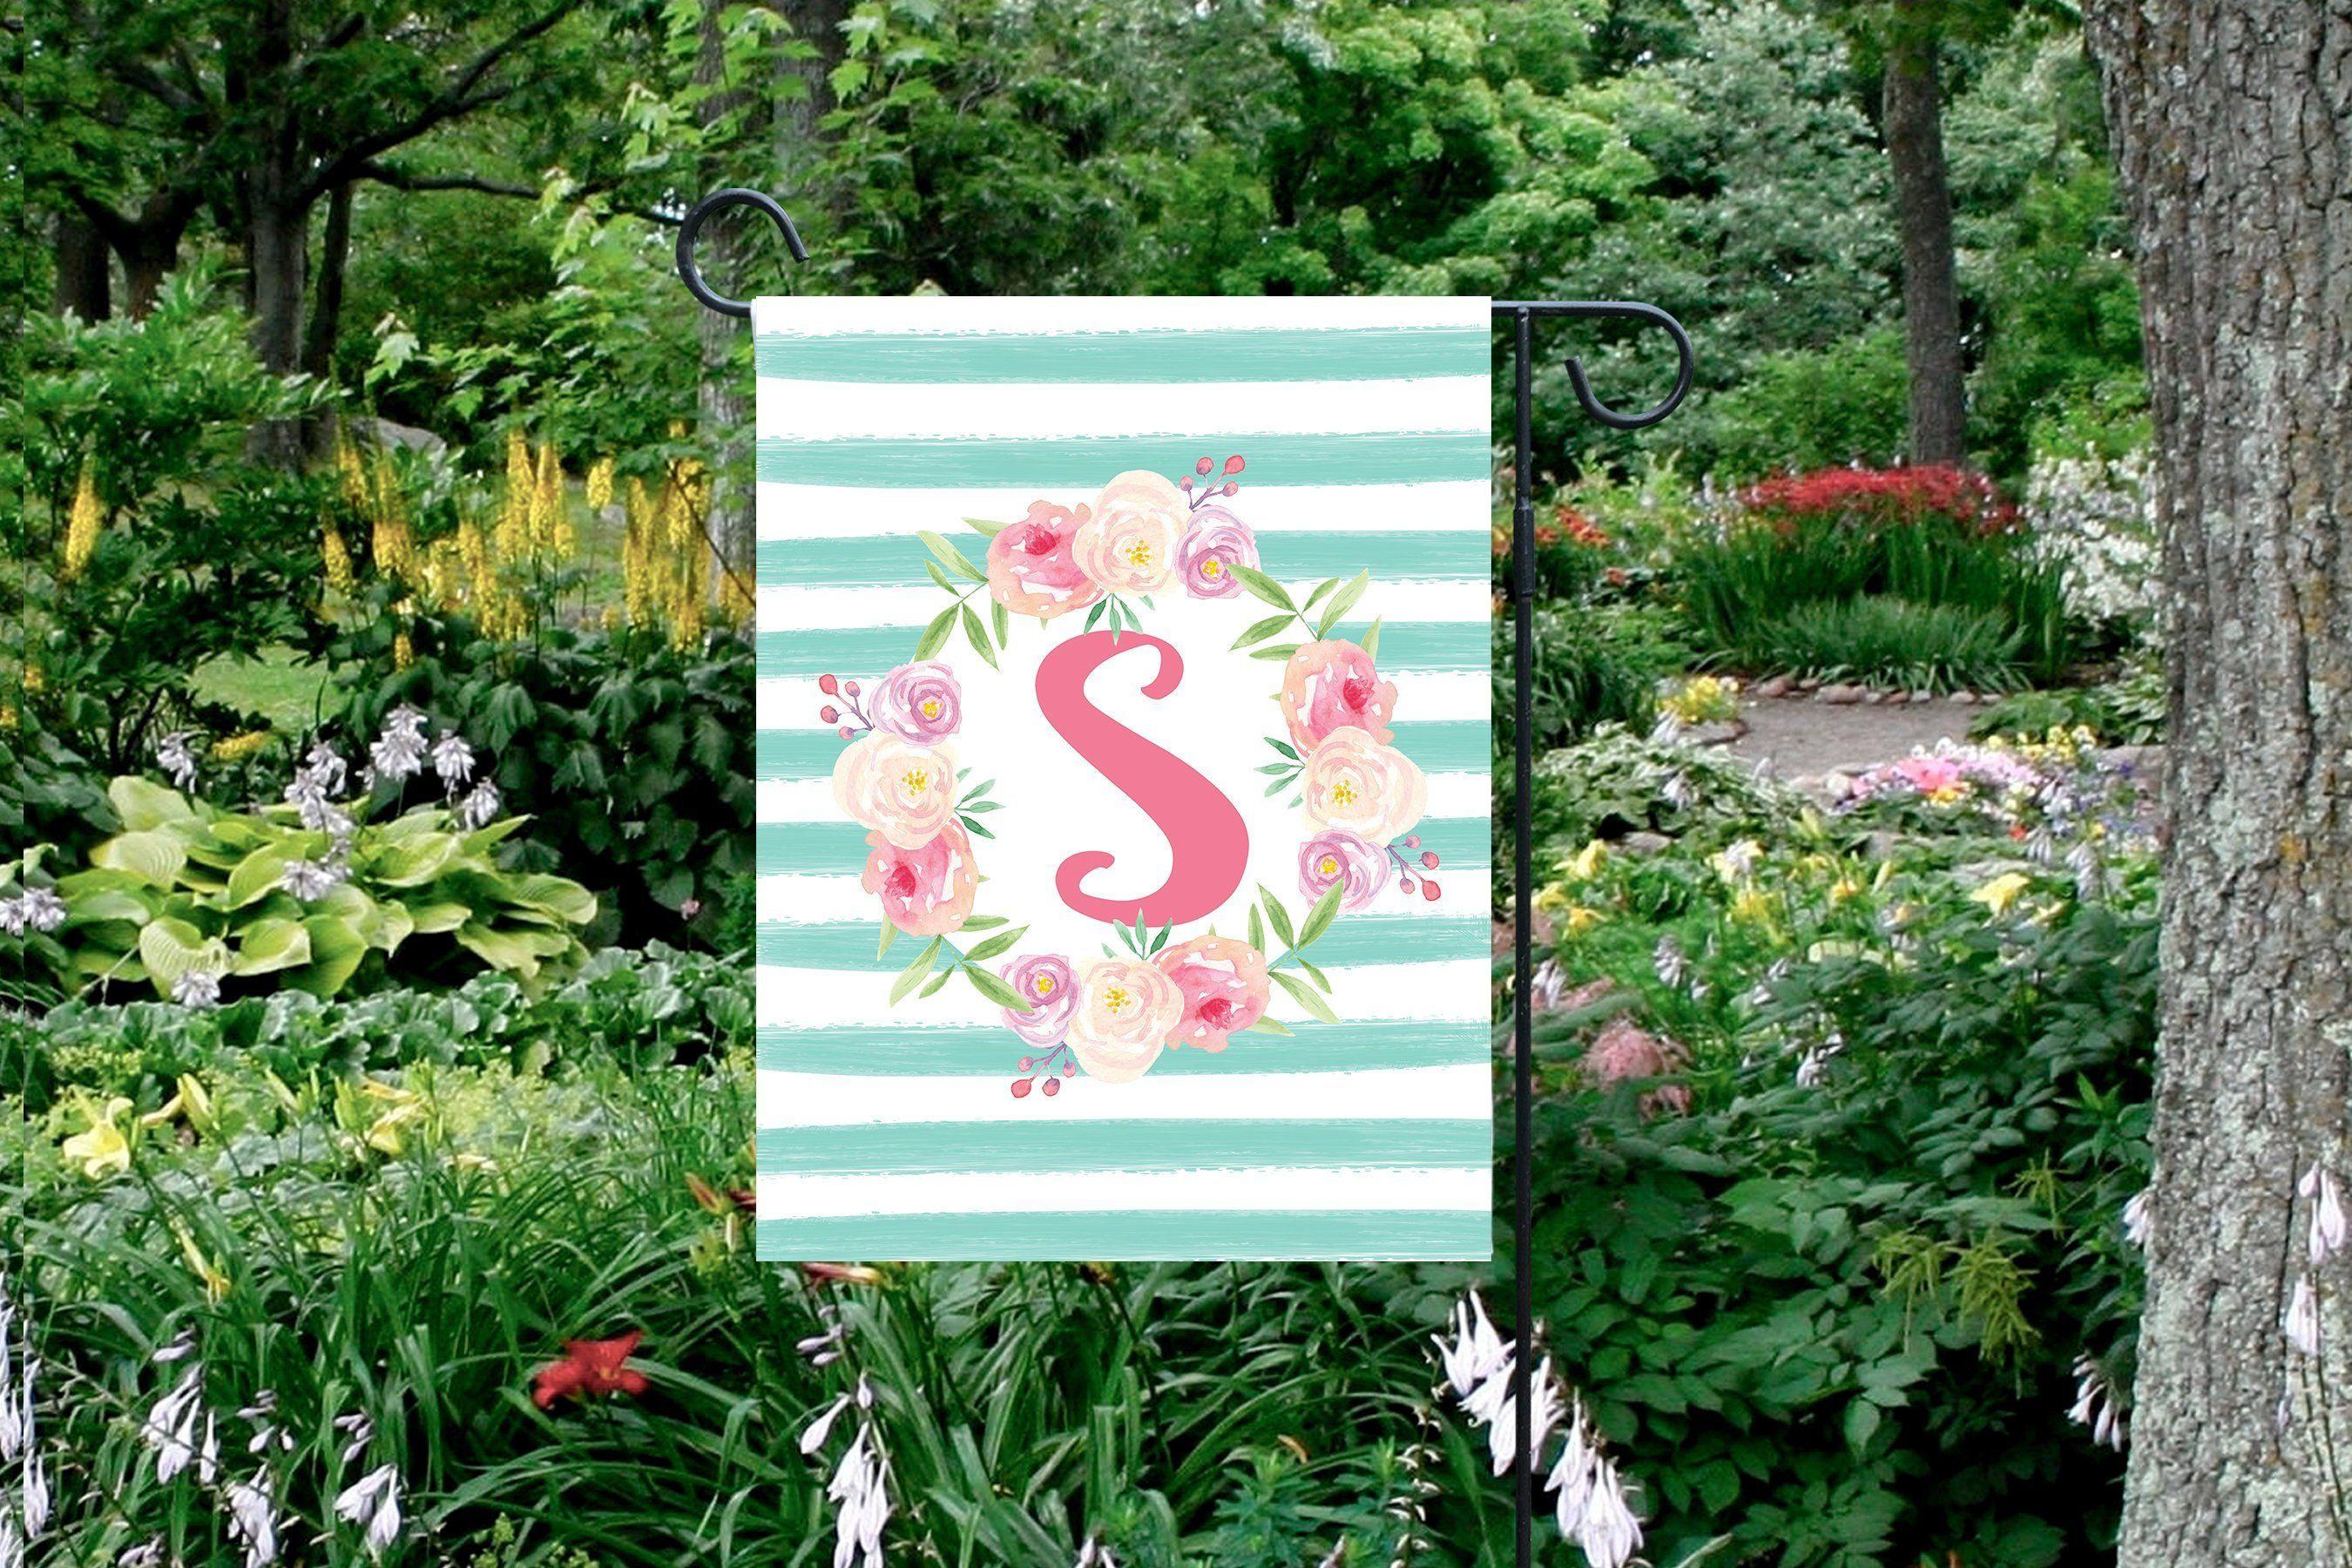 Spring Yard Flag Monogram Garden Flag Personalized Yard Etsy Monogram Garden Flag Personalized Garden Flag Garden Flags